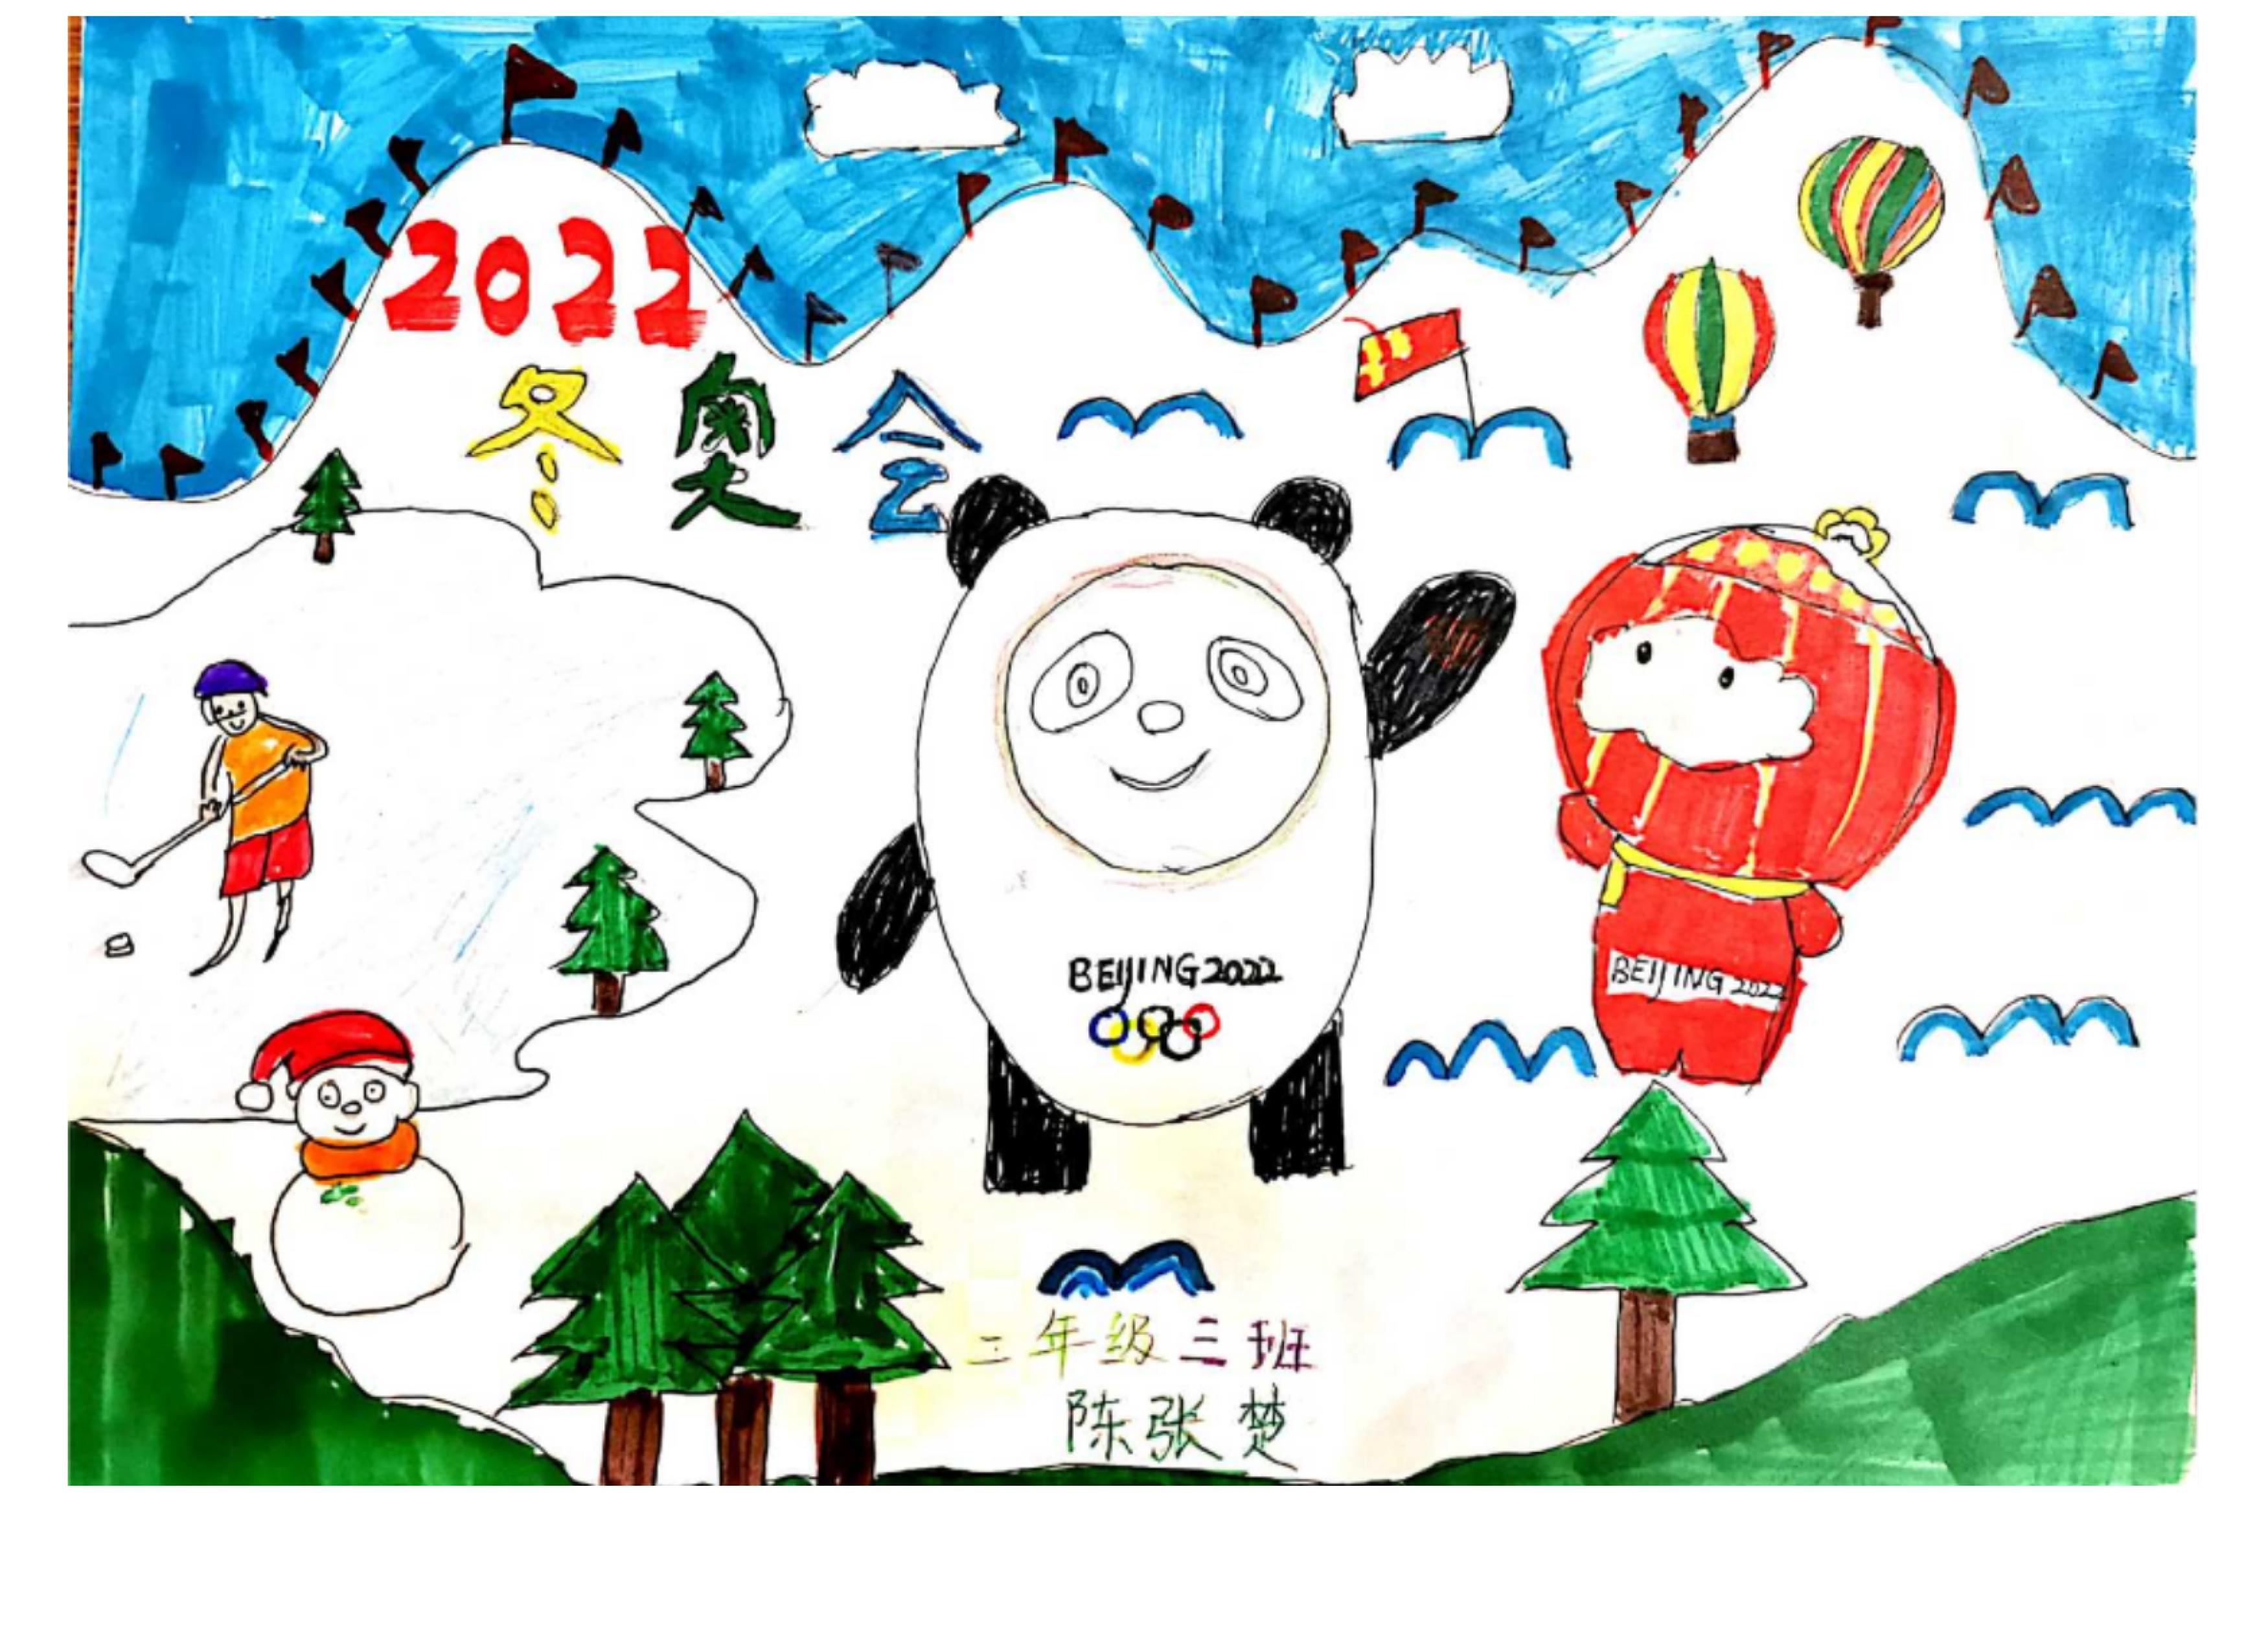 《激情冰雪 相约冬奥》 Let's Meet In The Snow World Of The Winter Olympics+陈张楚 Chen Zhangchu+8+18633833122